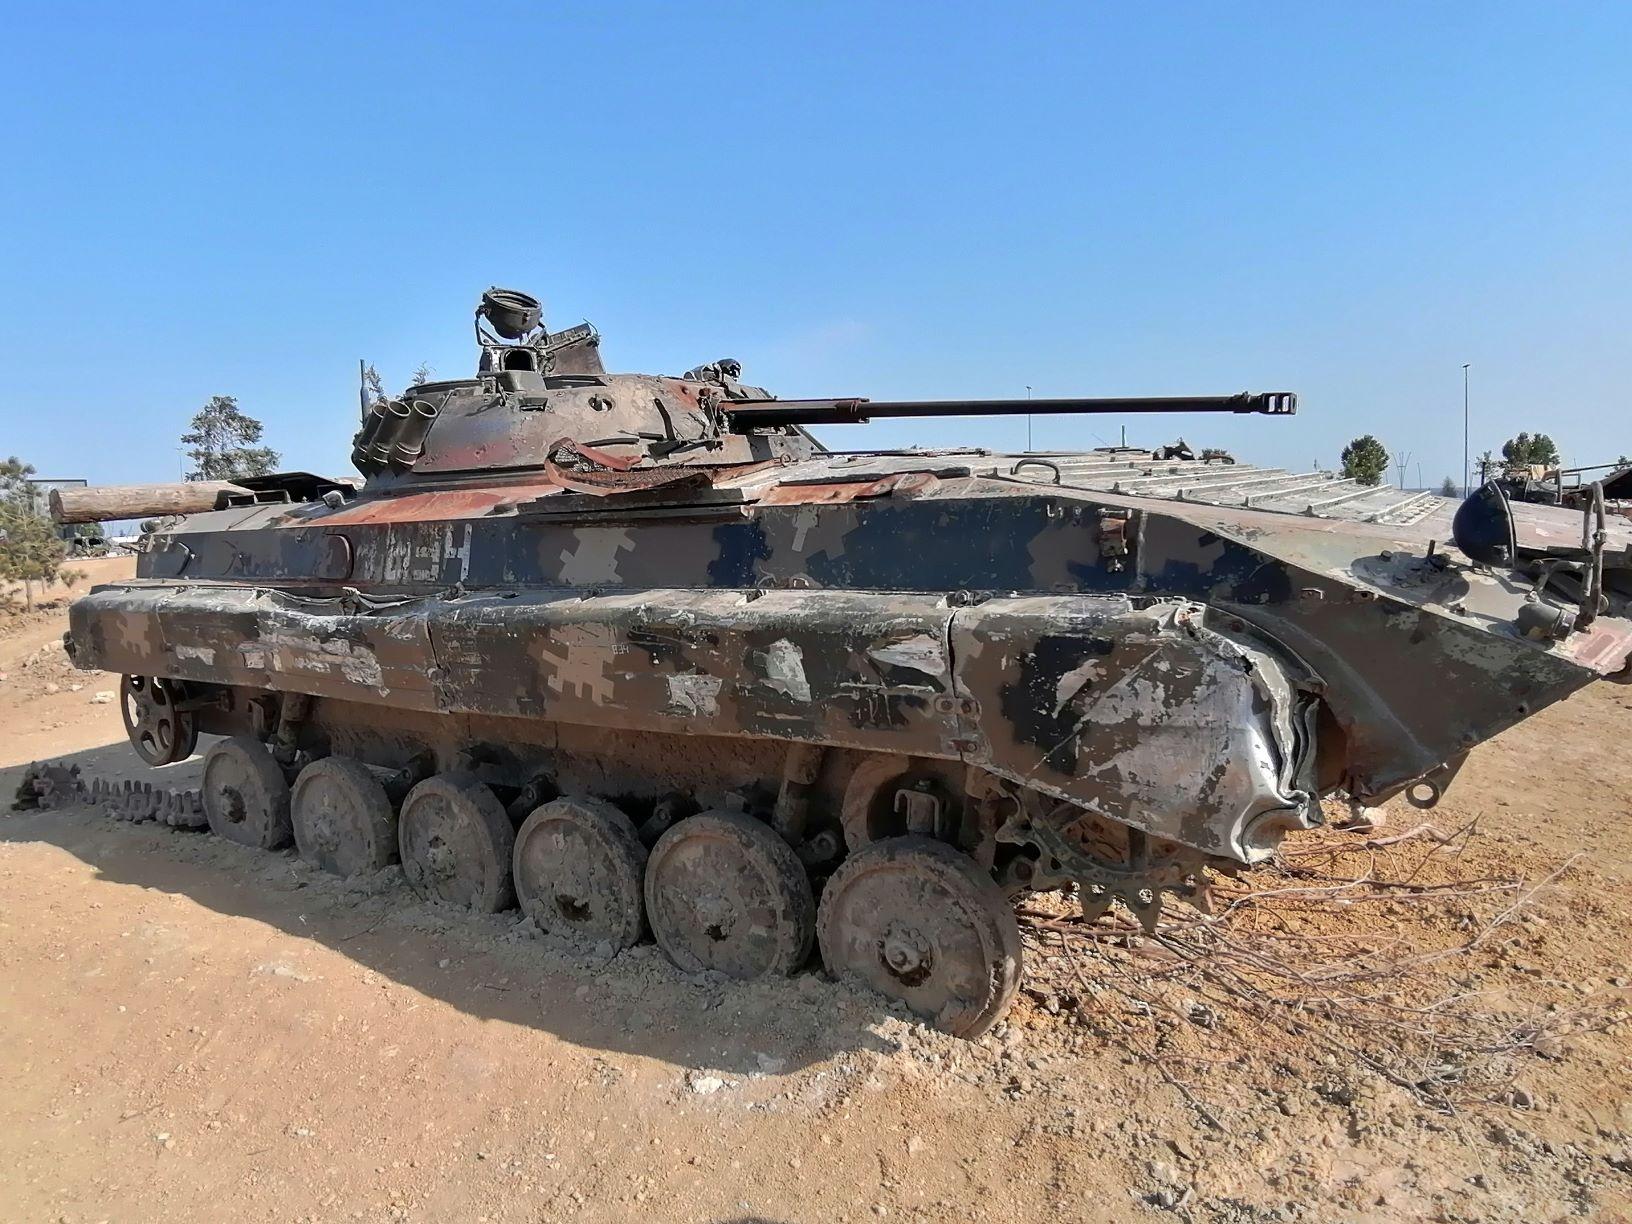 BMP-2 harcjármű